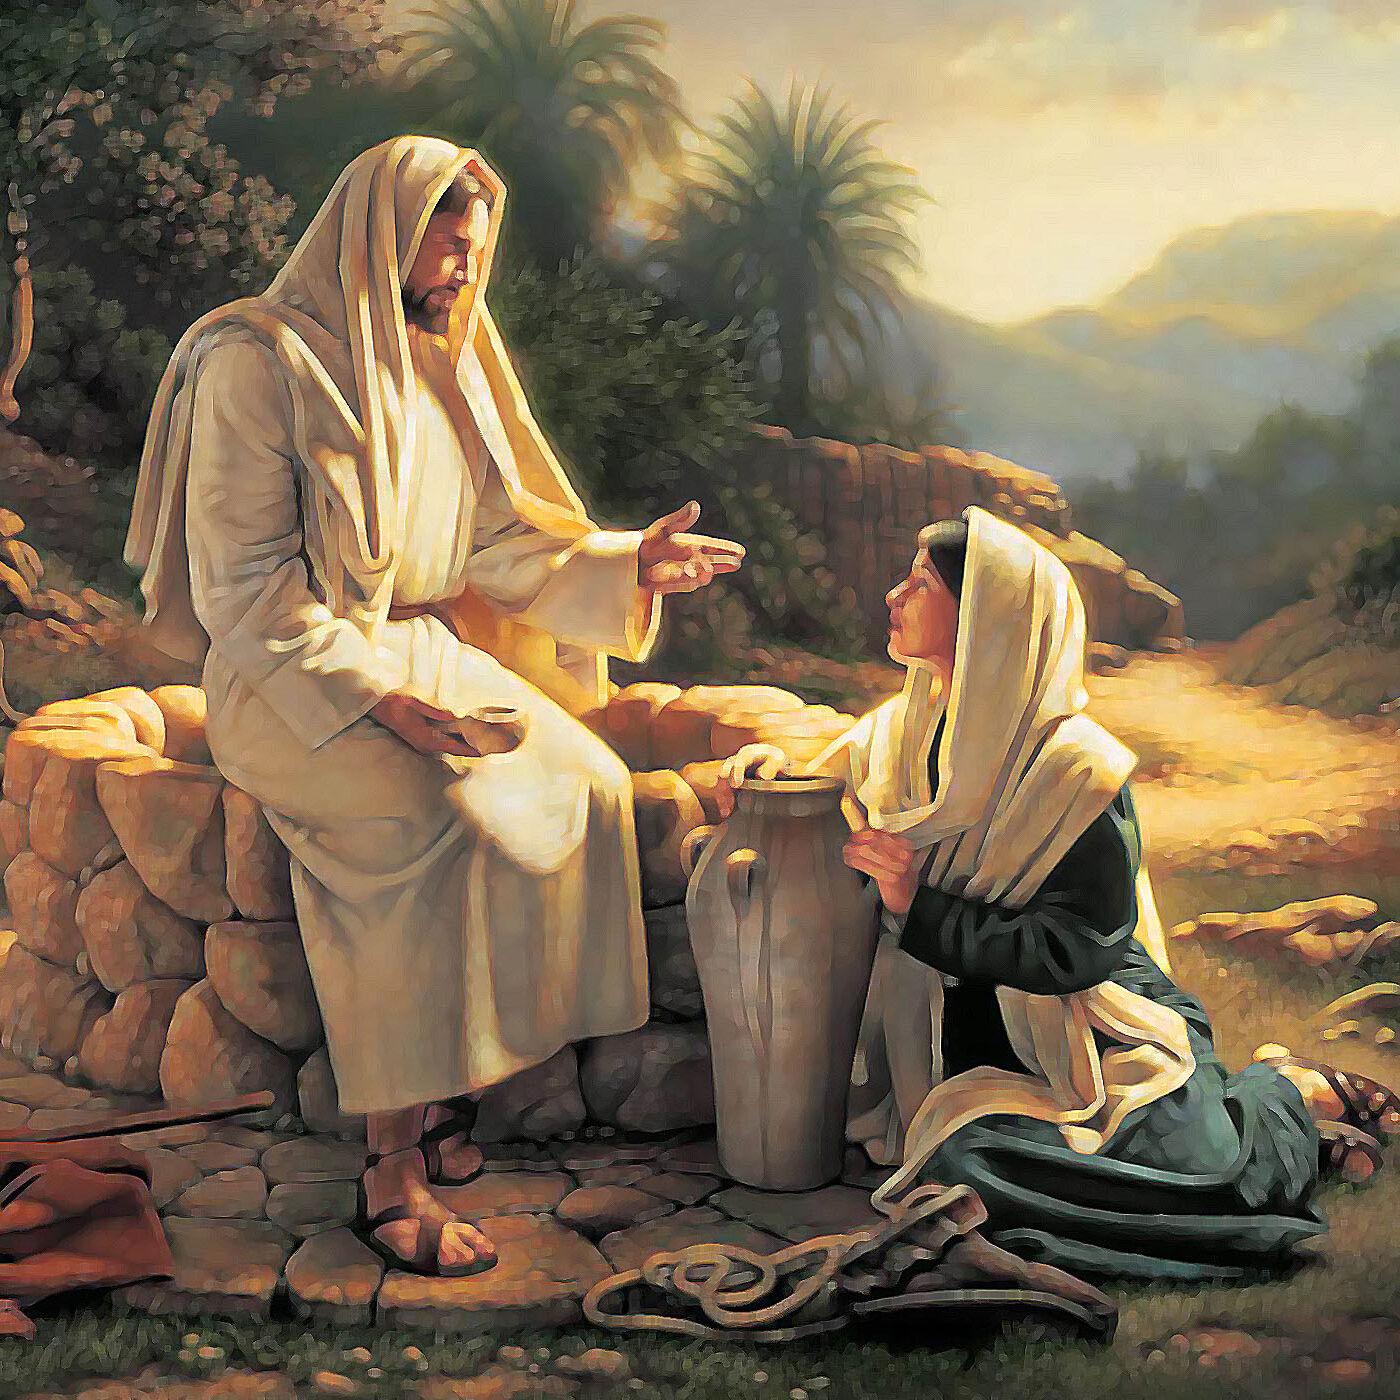 riflessioni sul Vangelo di Lunedì 29 Marzo 2021 (Gv 12, 1-11)